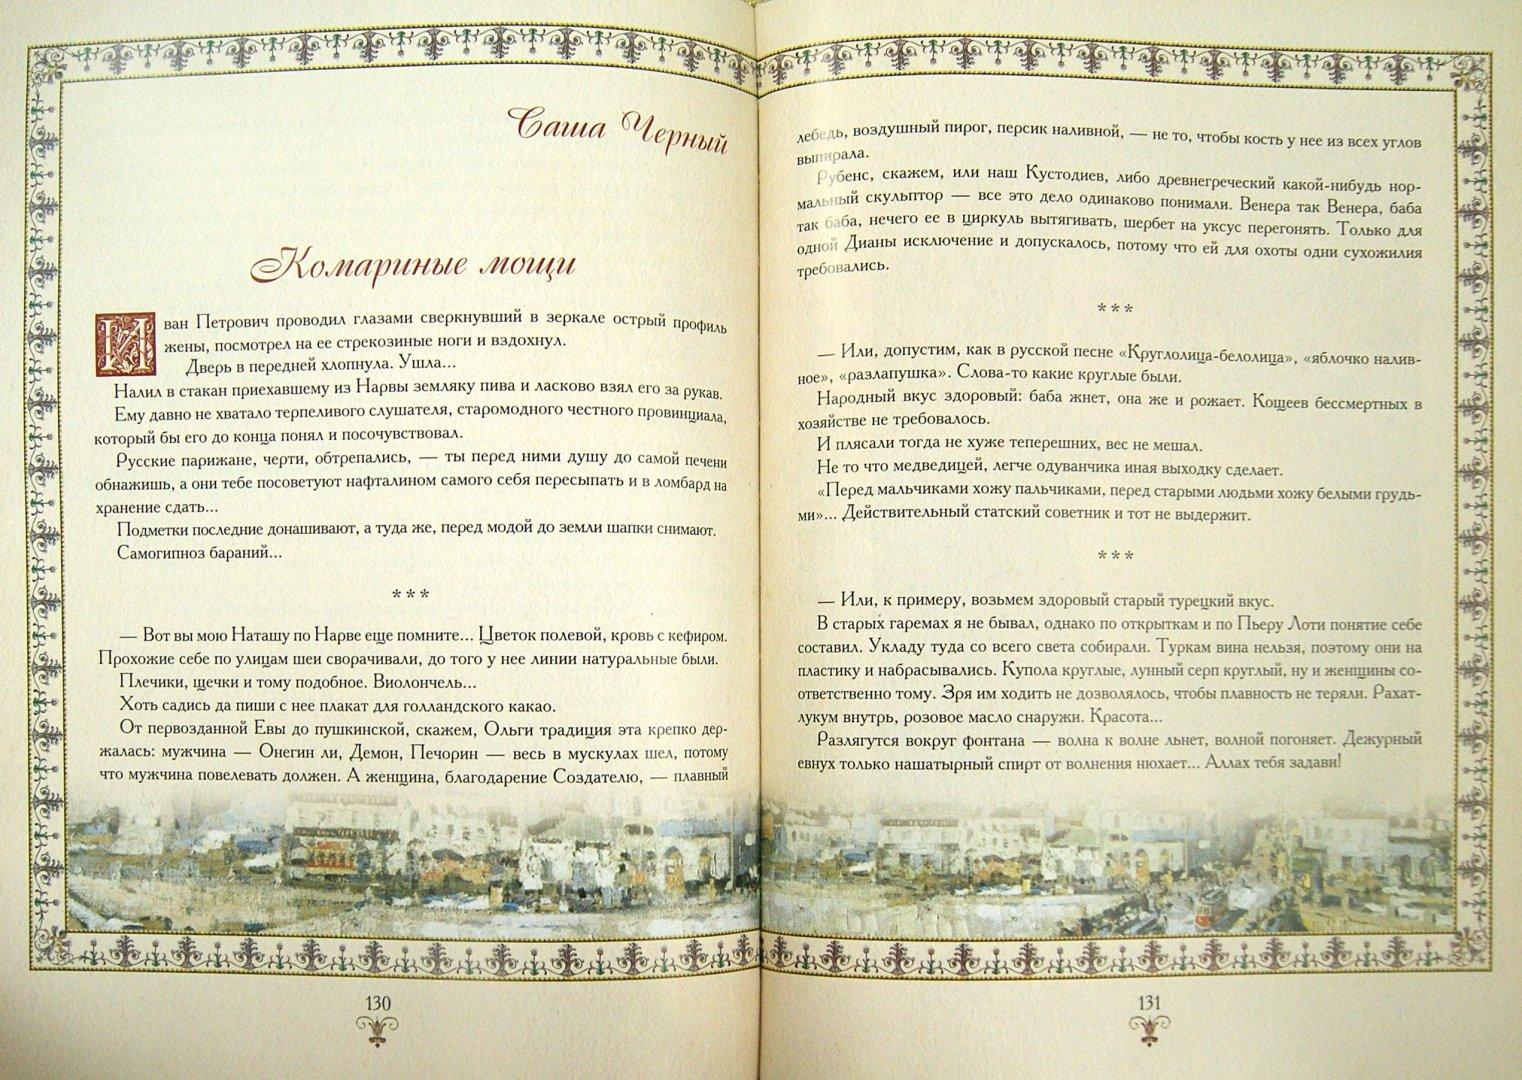 Иллюстрация 1 из 26 для Русские юмористические новеллы - Гоголь, Достоевский, Тургенев   Лабиринт - книги. Источник: Лабиринт